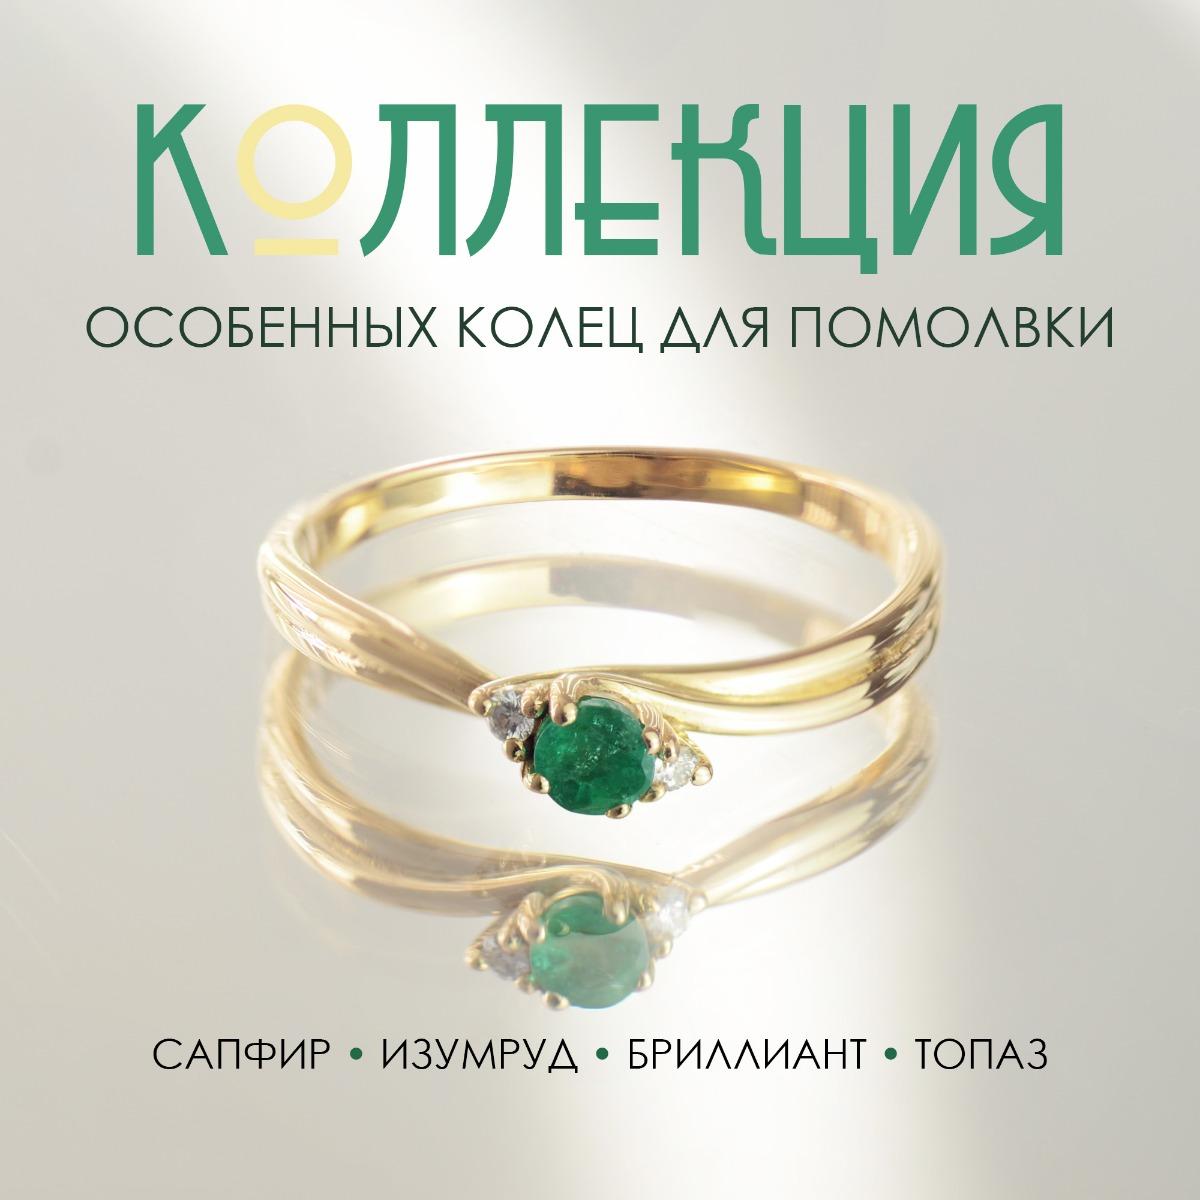 Золотые кольца на помолвку Ювелирный интернет-магазин 3 Карата'